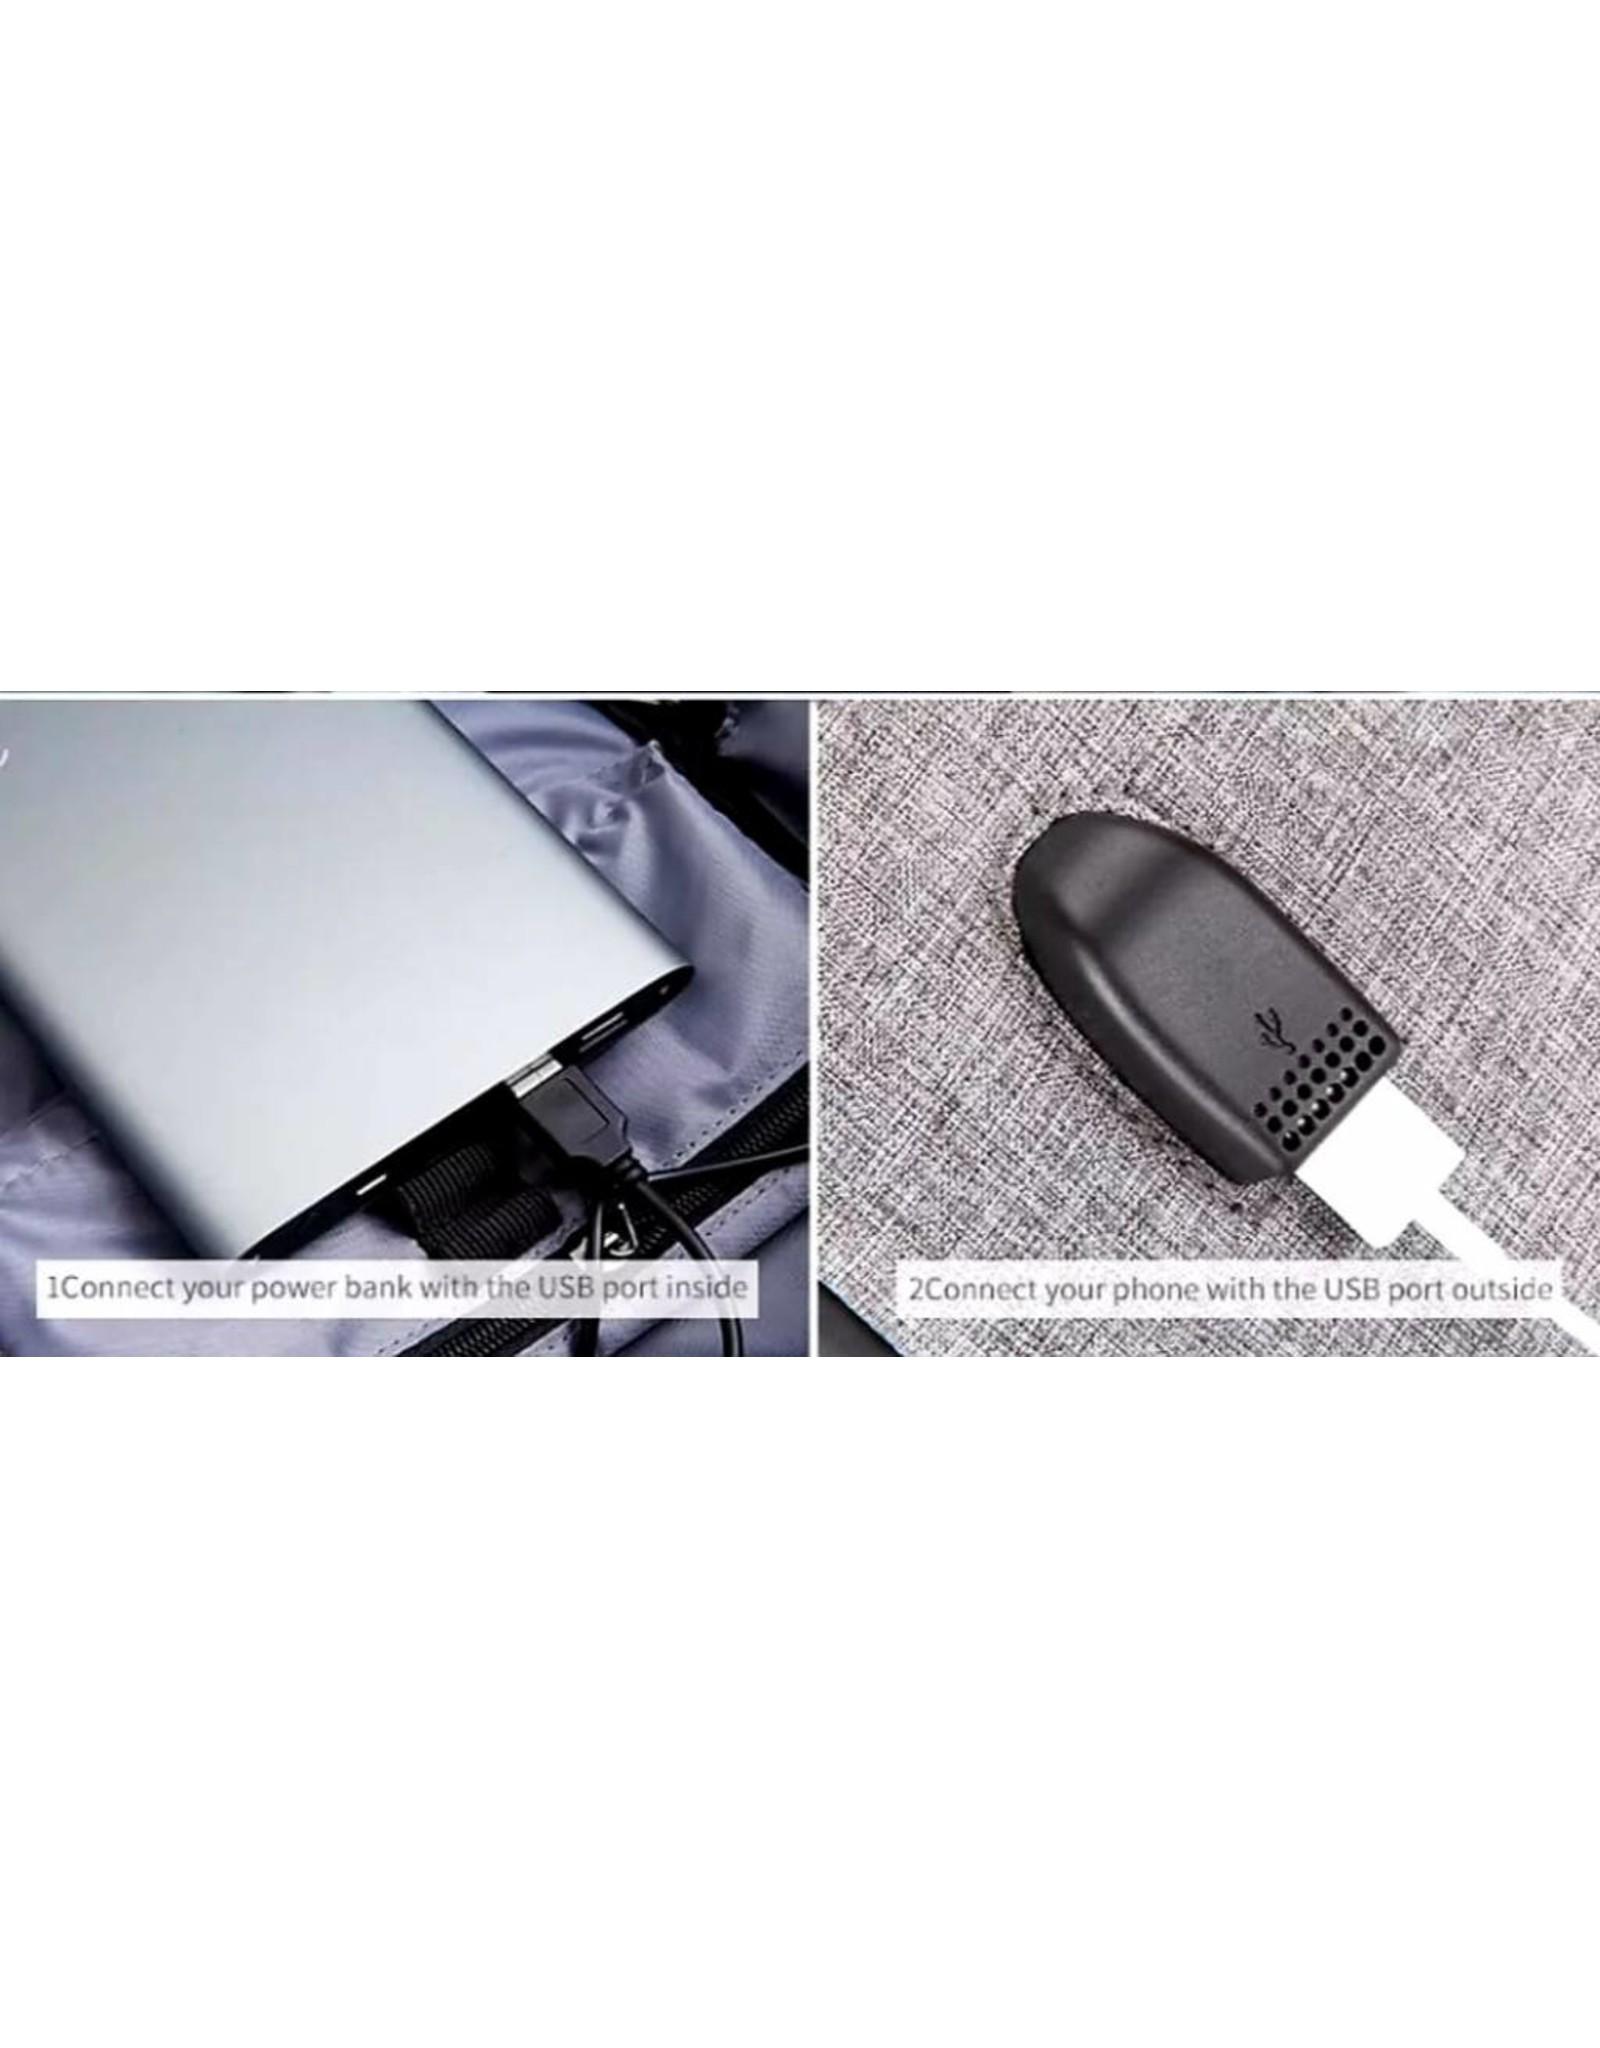 Laptoprugtas met USB-aansluiting voor opladen smartphone, waterdicht, met cijferslot